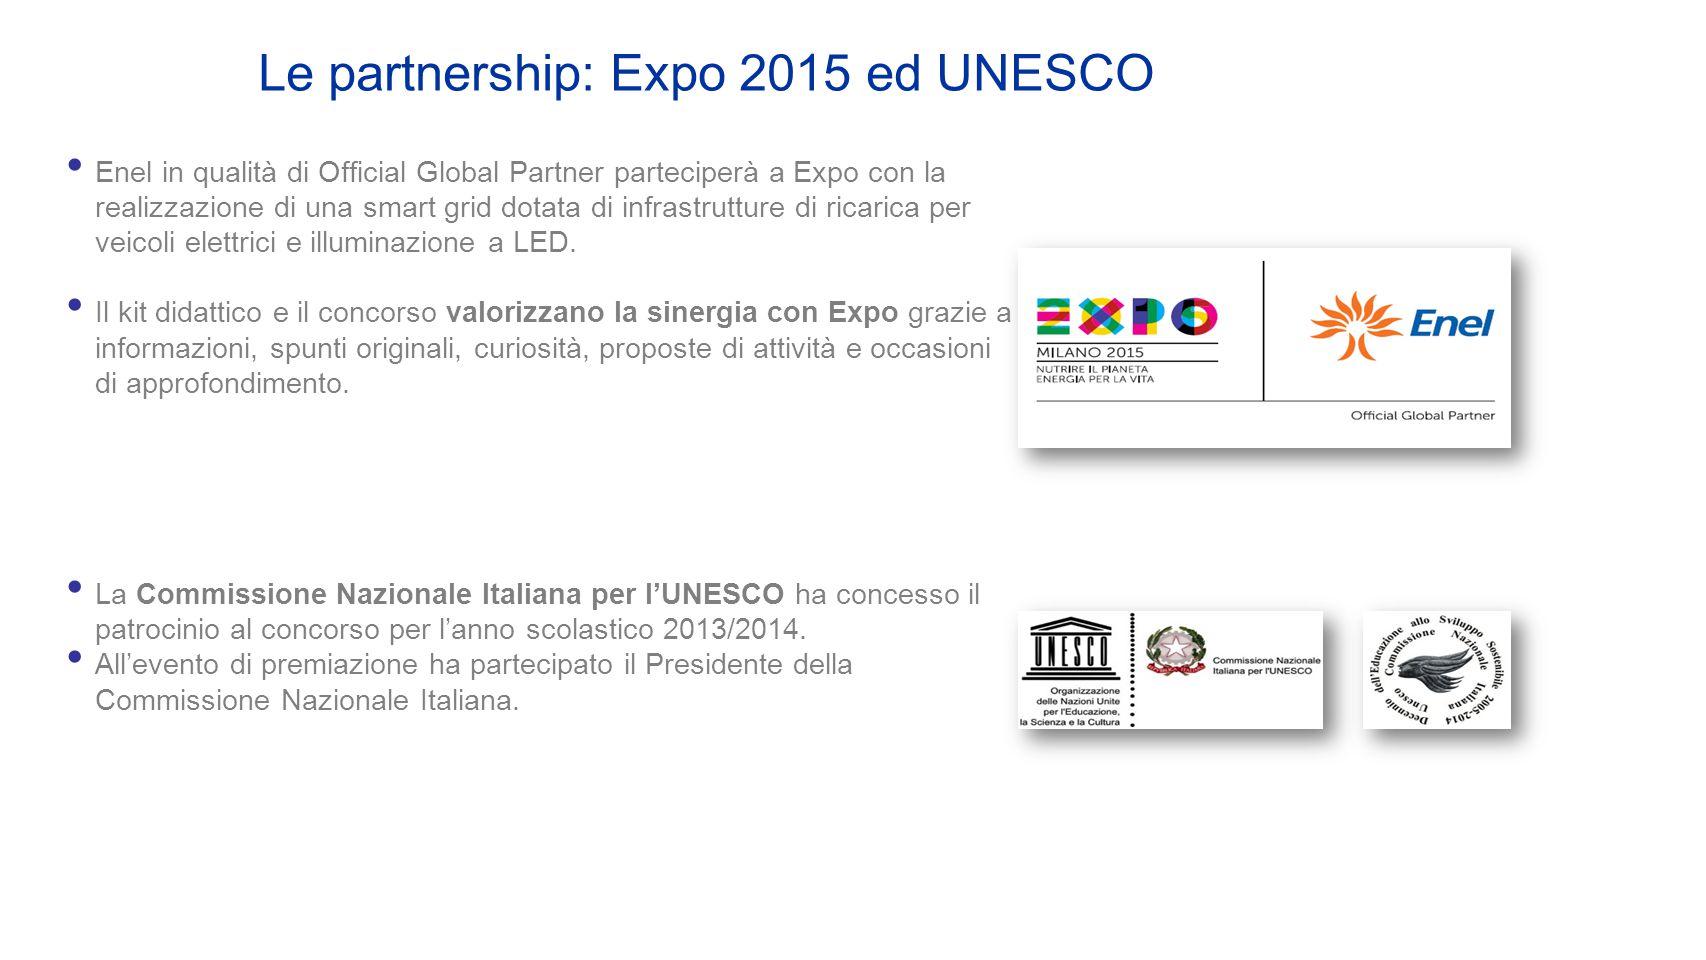 Enel in qualità di Official Global Partner parteciperà a Expo con la realizzazione di una smart grid dotata di infrastrutture di ricarica per veicoli elettrici e illuminazione a LED.